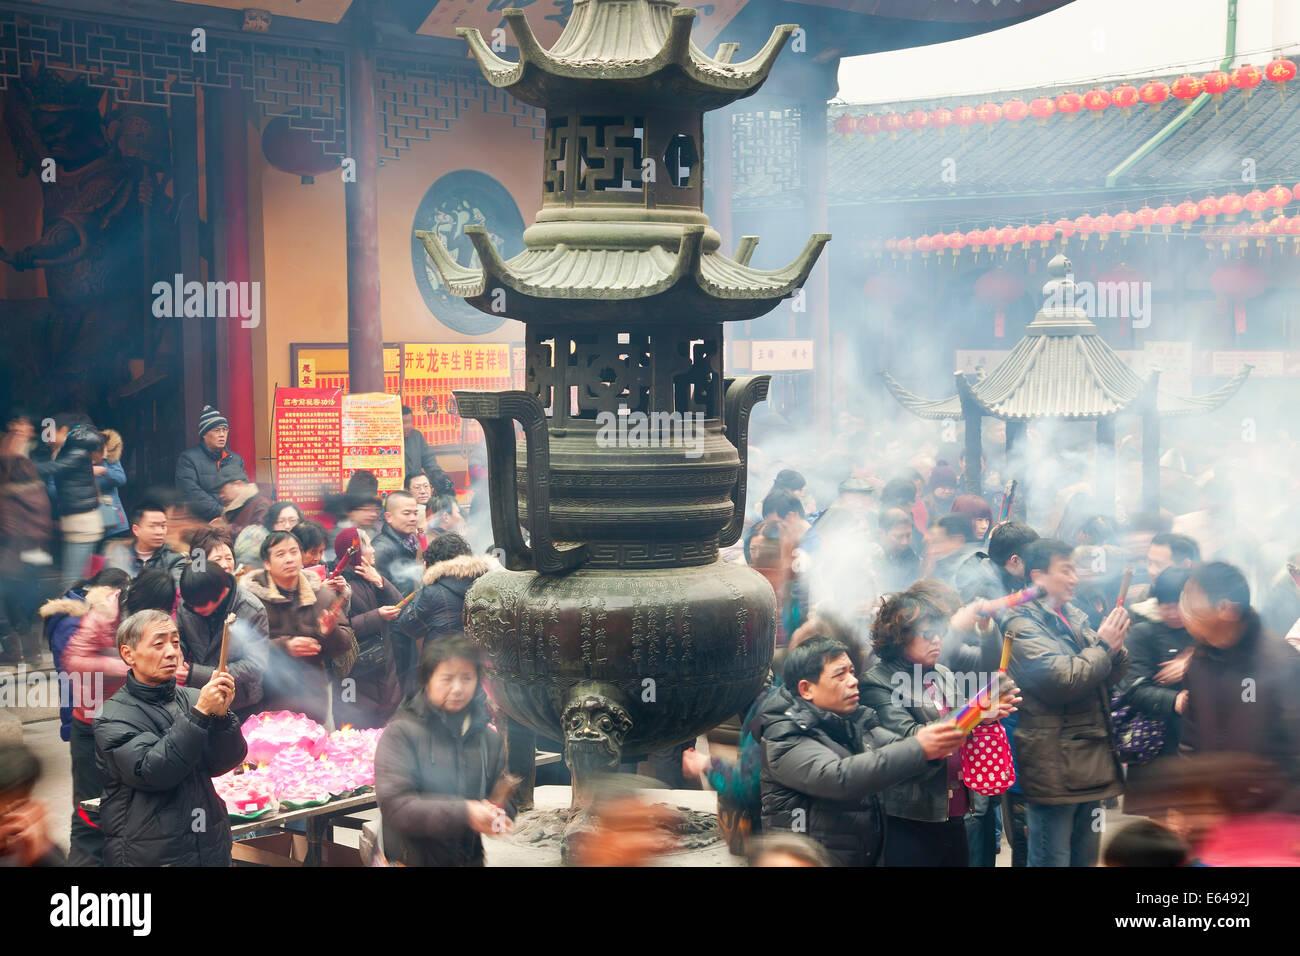 Brucia Incenso, Il Tempio del Buddha di Giada, Shanghai, Cina Immagini Stock